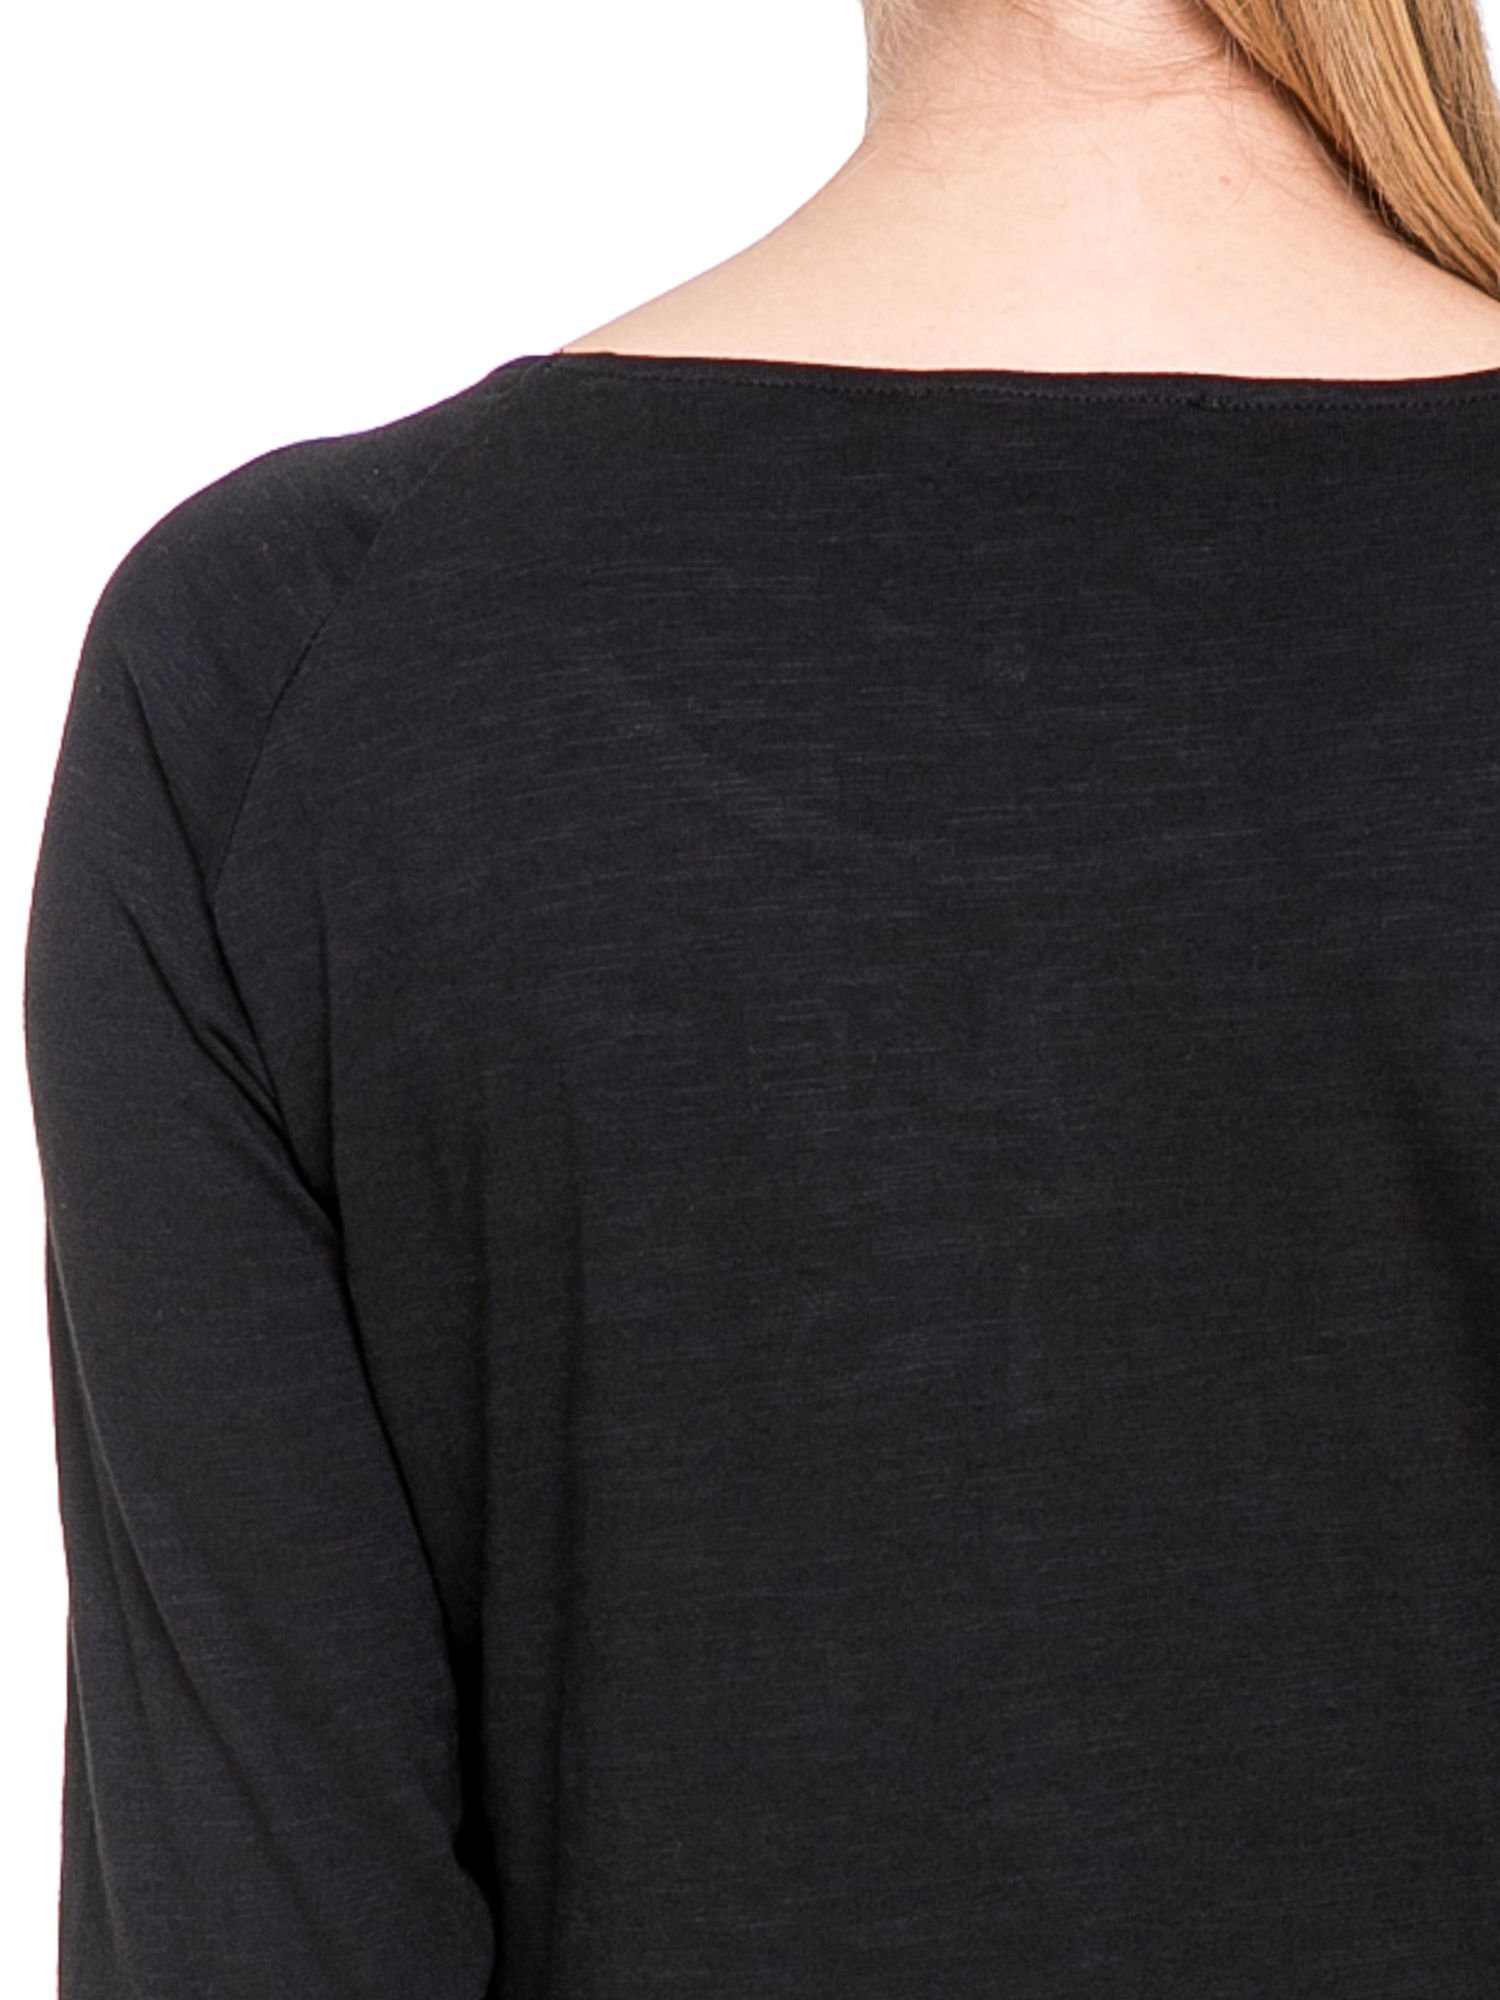 Czarna bluzka z koronkowym przodem                                  zdj.                                  6